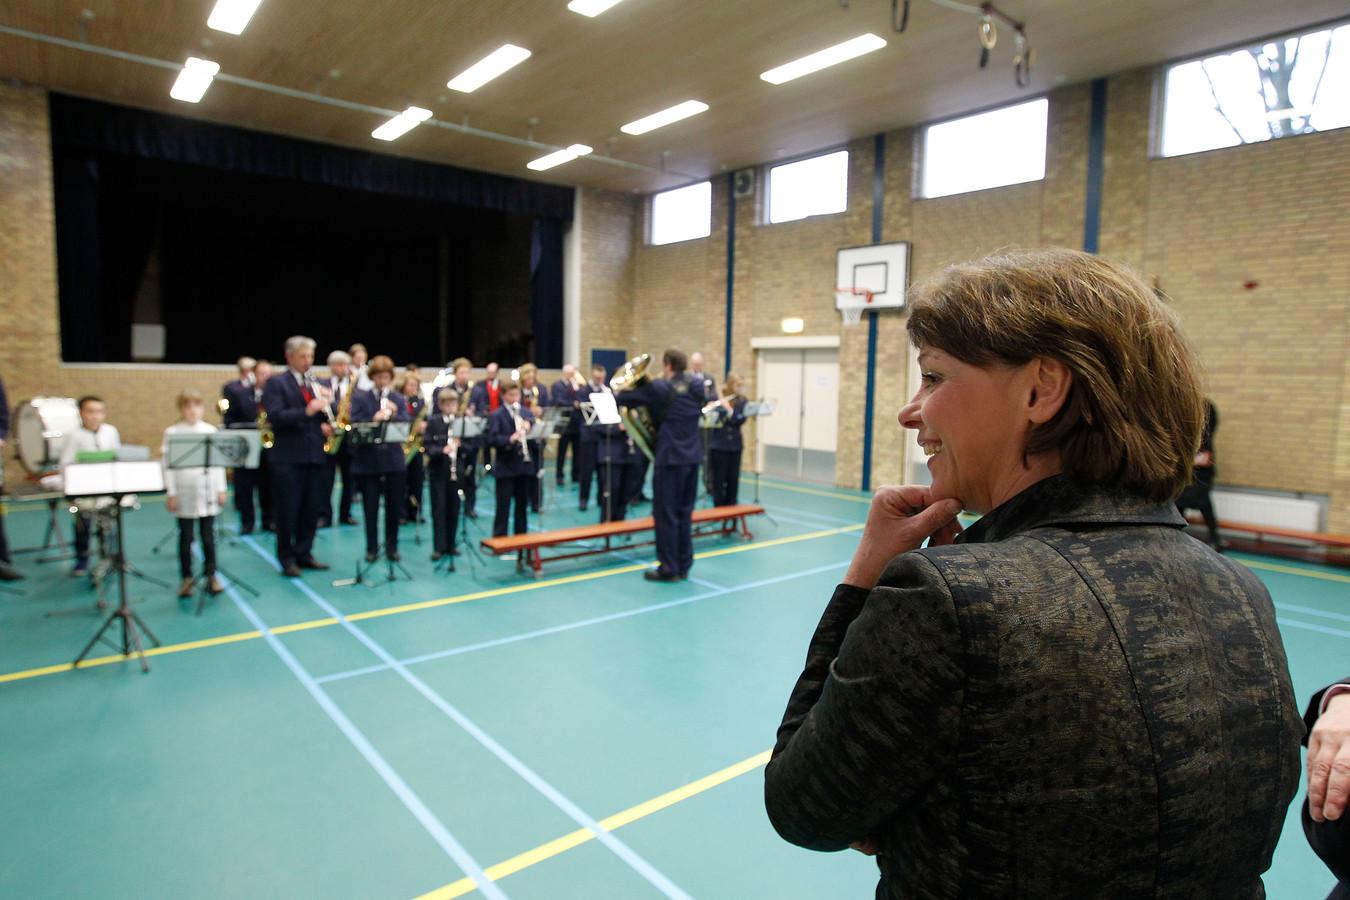 Burgemeester Blanksma luistert naar harmonie Amicitia uit Brouwhuis tijdens haar introductieronde door Helmond. Beide doen mee aan Meer Muziek in de klas Lokaal Helmond.